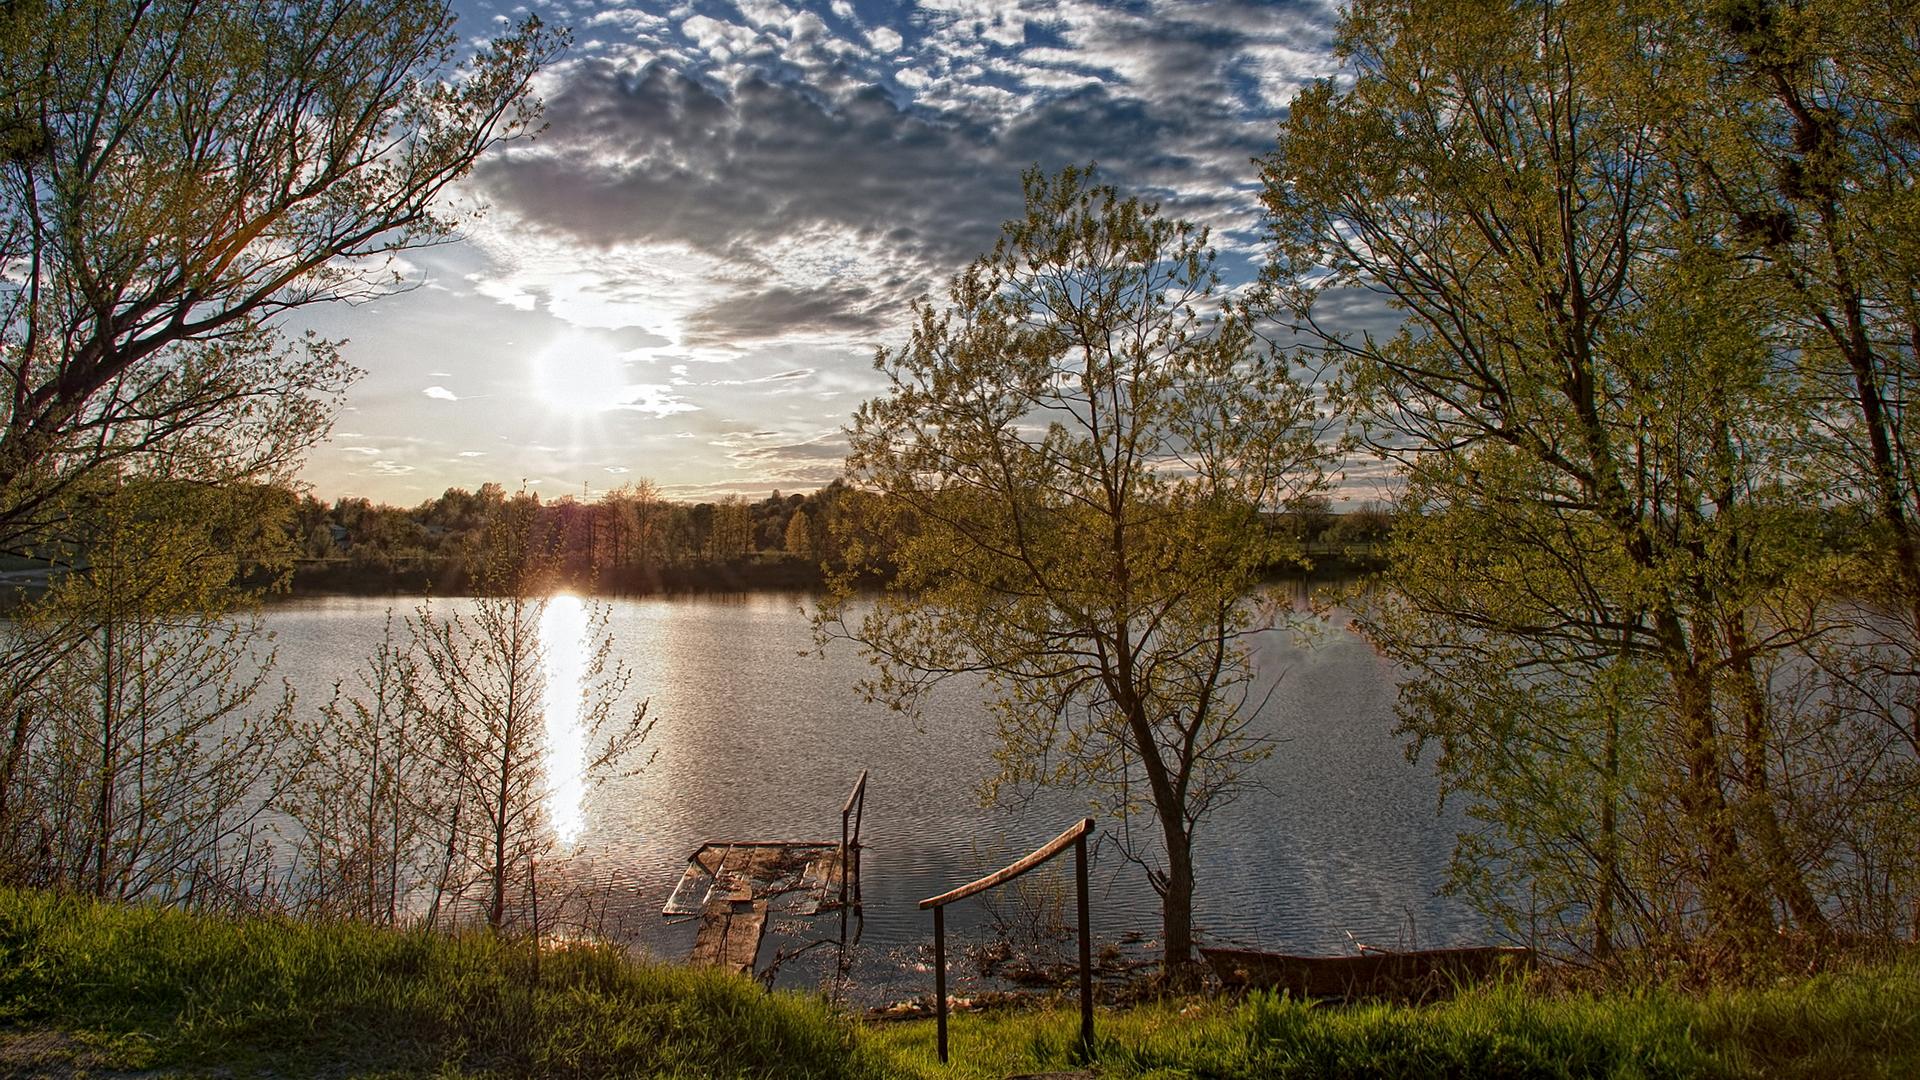 природа облака солнце река  № 2602882 бесплатно